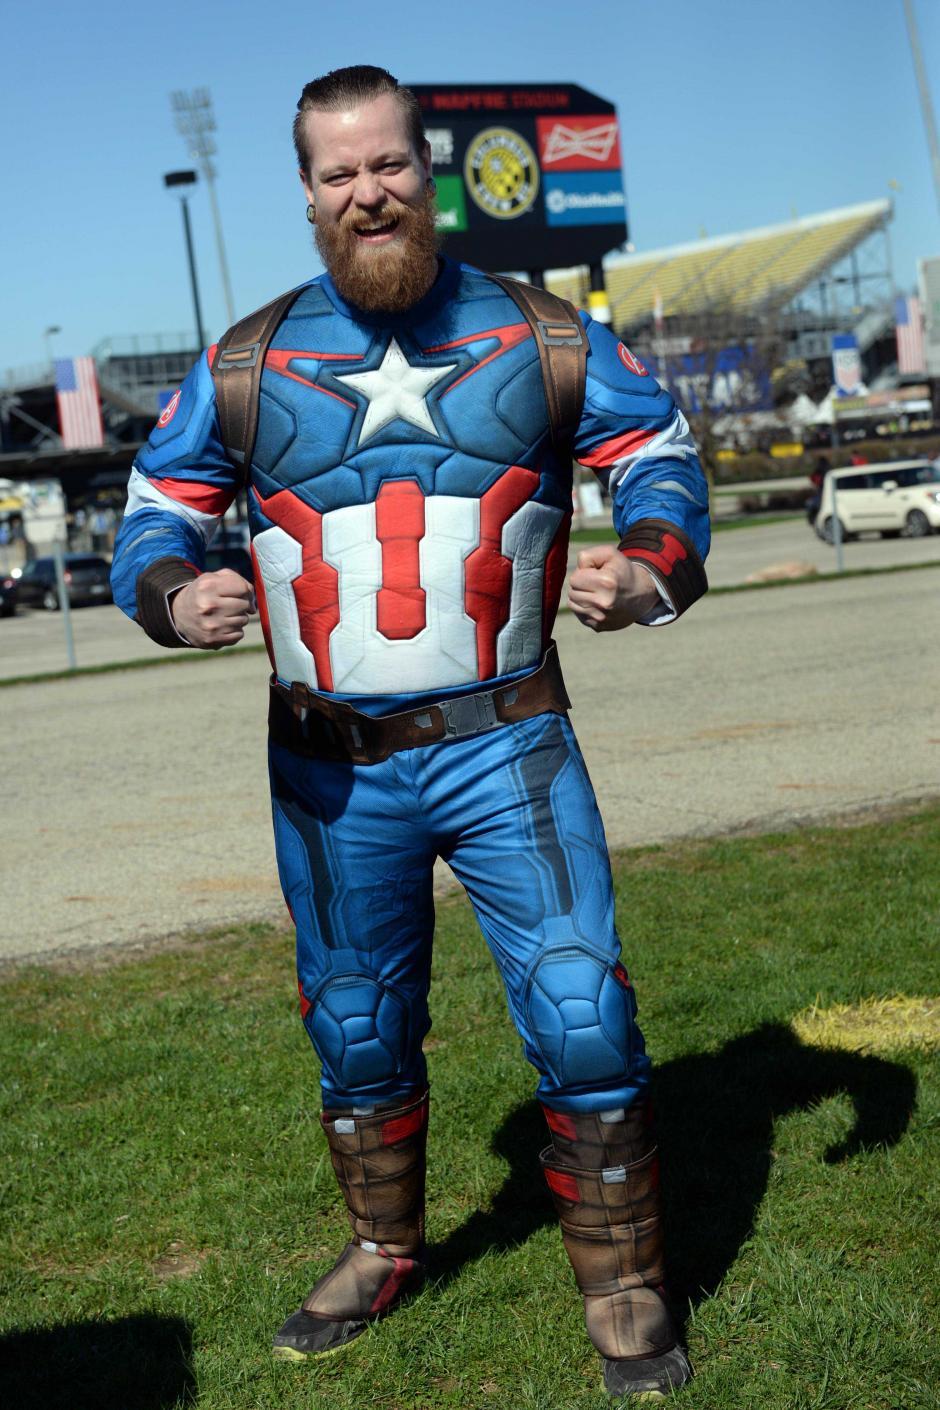 Disfraz particular de este aficionado de Estados Unidos afuera del Mapfre Stadium. (Foto: Diego Galiano/Nuestro Diario)